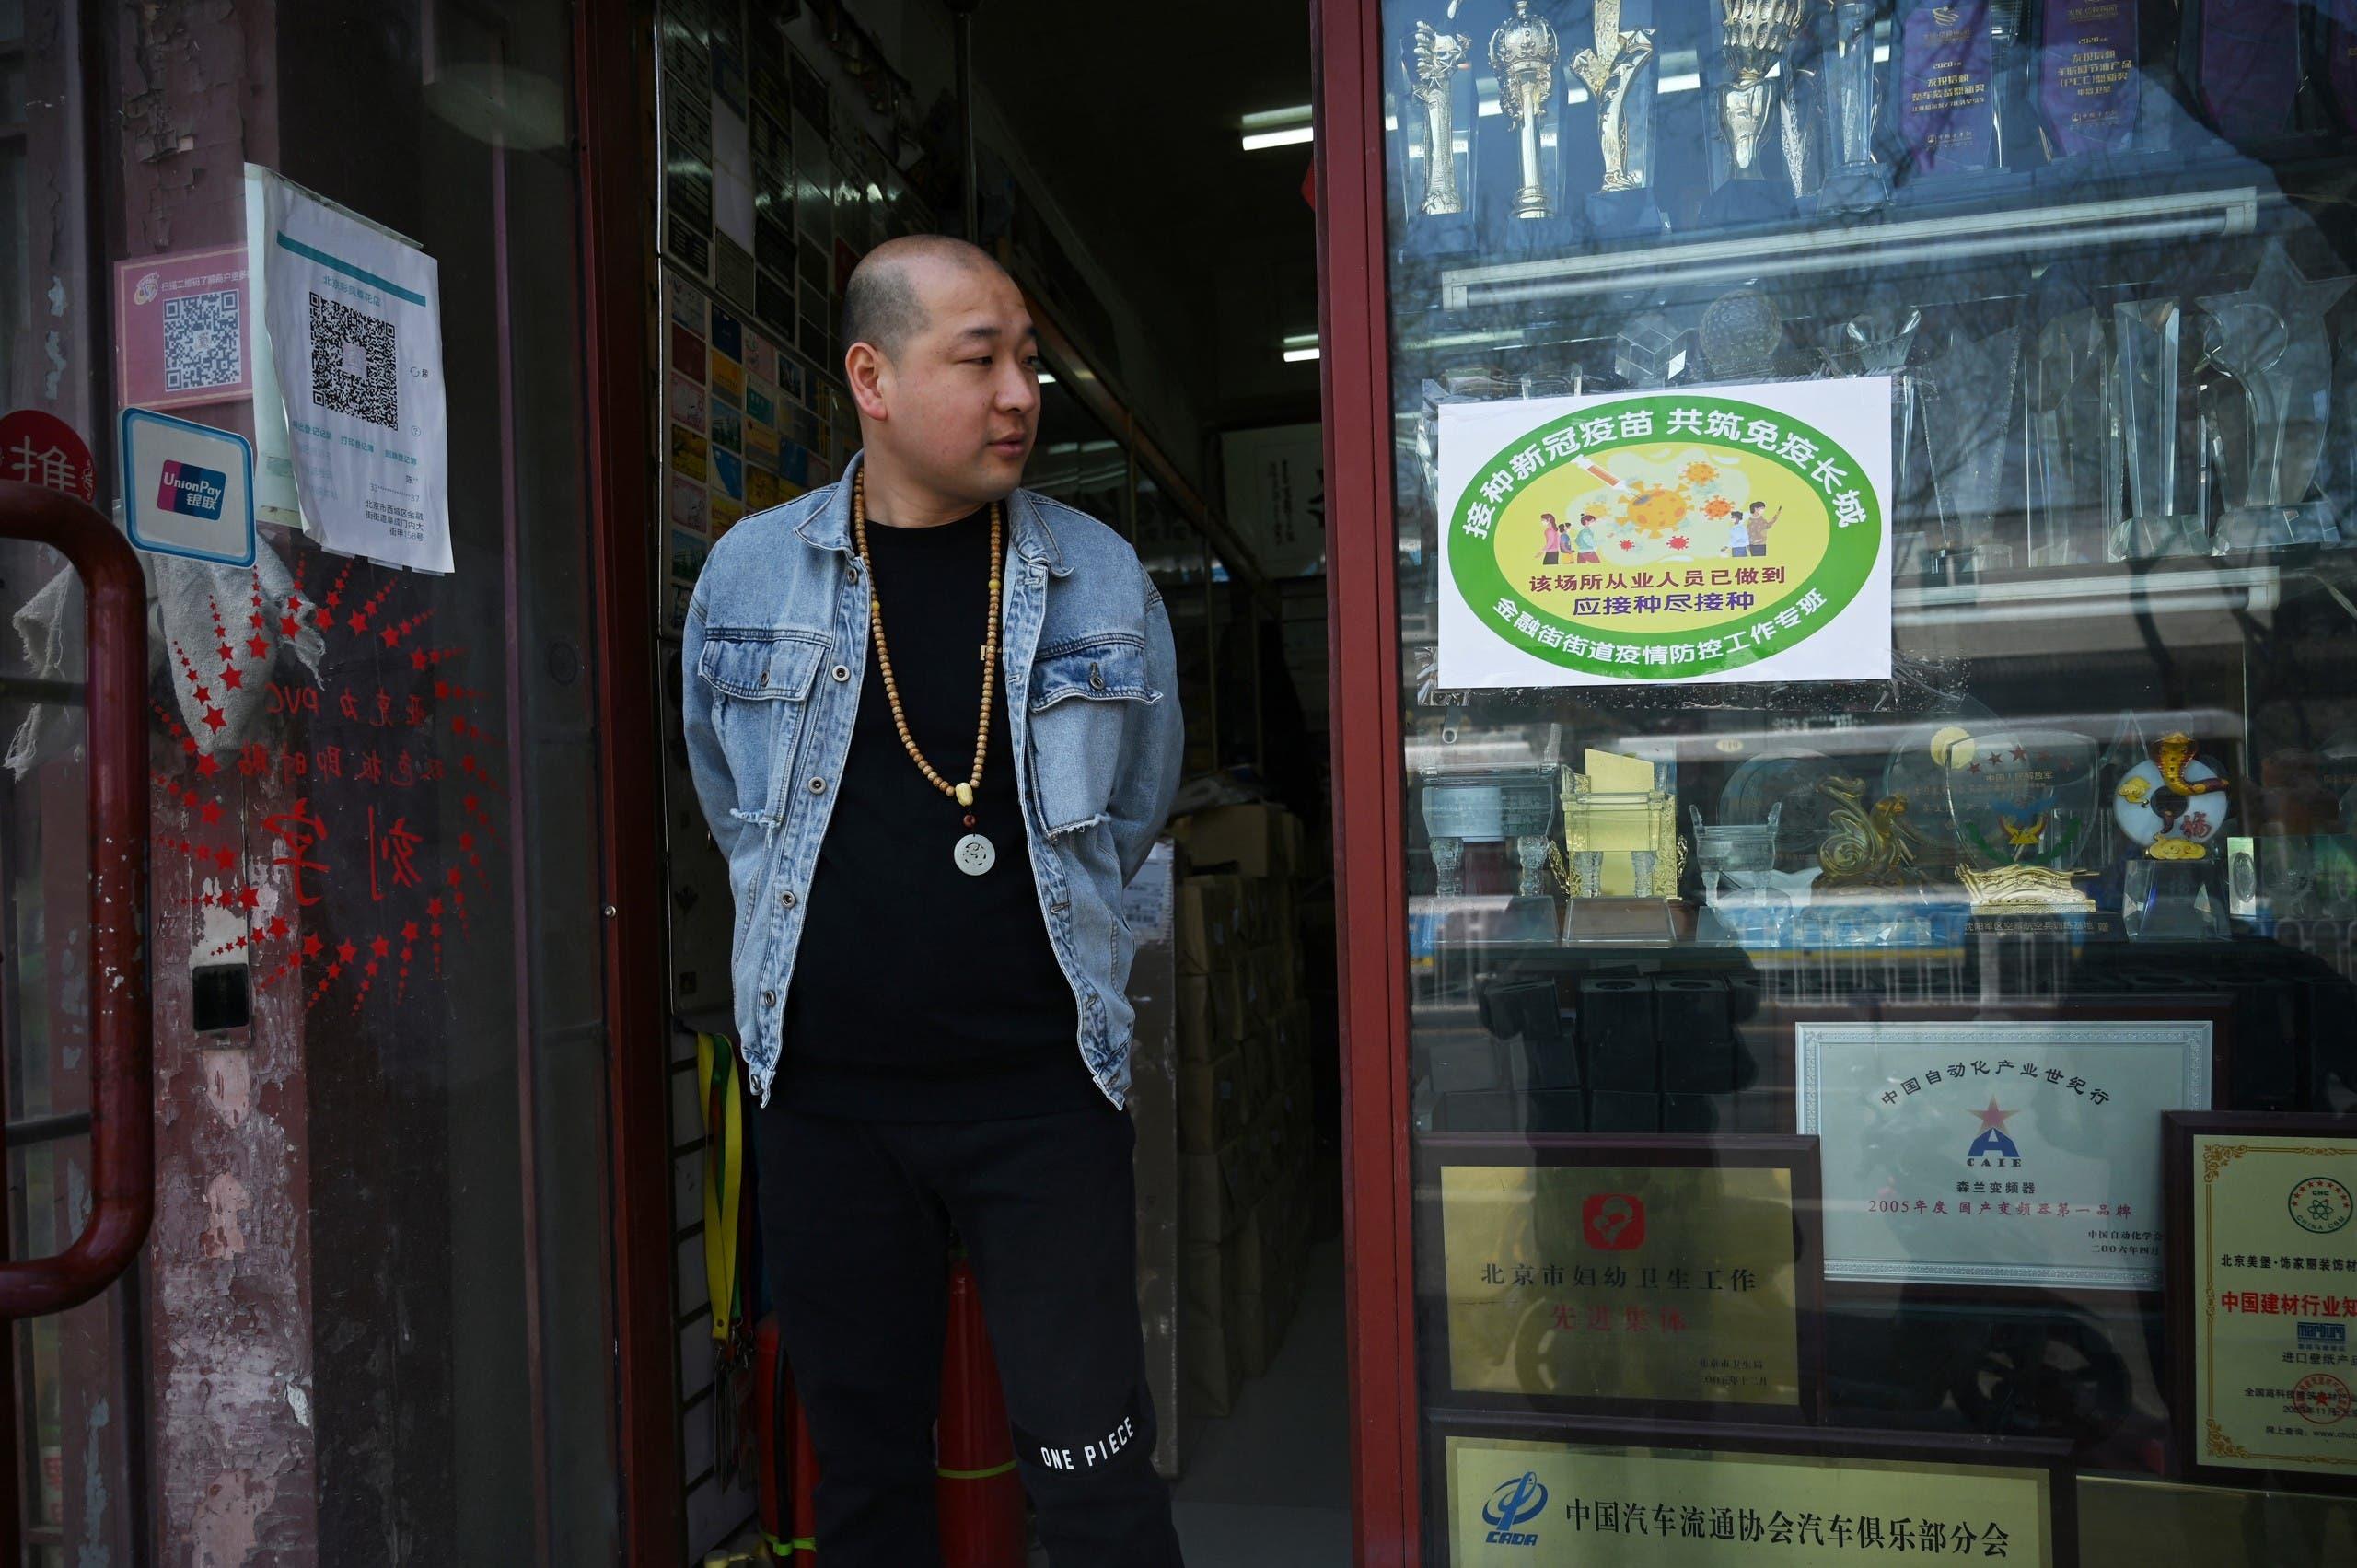 علامة خضراء على باب متجر في بكين تشير إلى أن معظم العاملين فيه تلقوا اللقاح